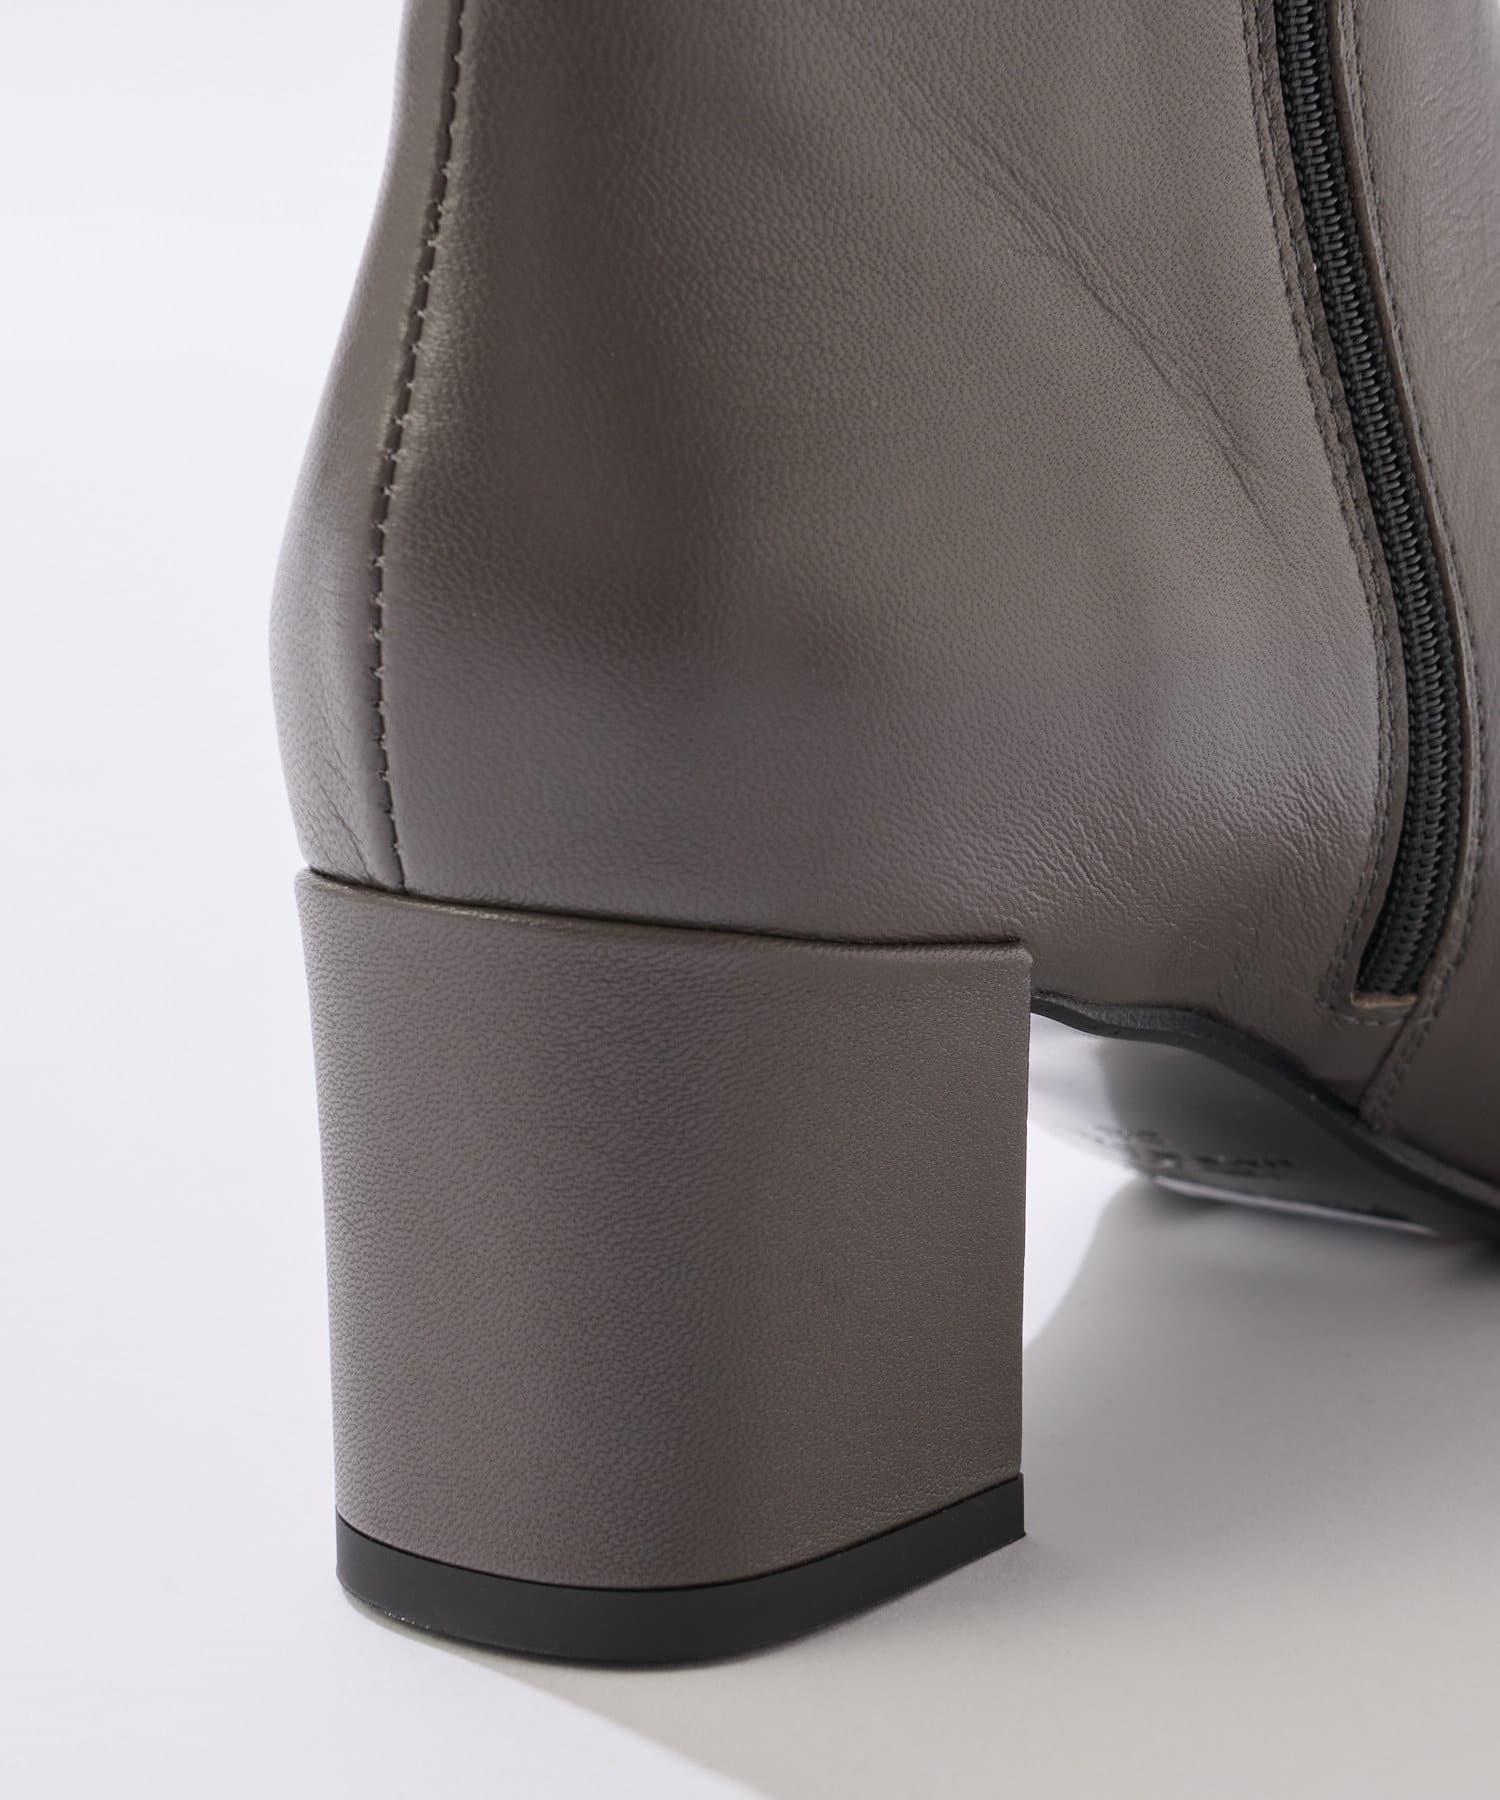 La boutique BonBon(ラブティックボンボン) 《予約》【FABIO RUSCONI(ファビオルスコーニ)】ショートブーツ